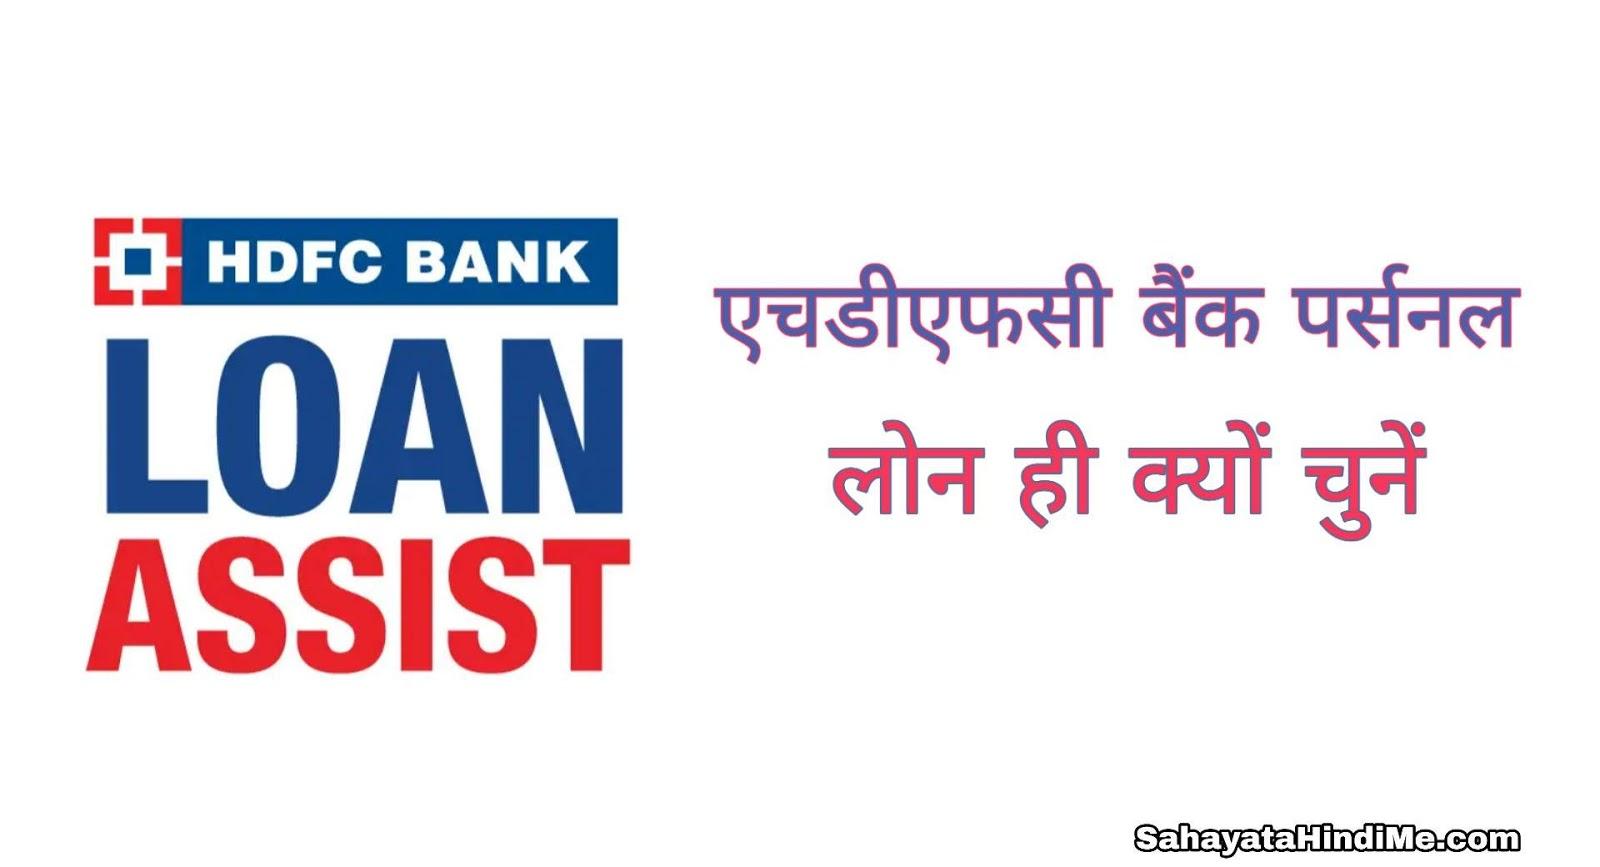 HDFC Bank Personal Loan क्यों चुनें